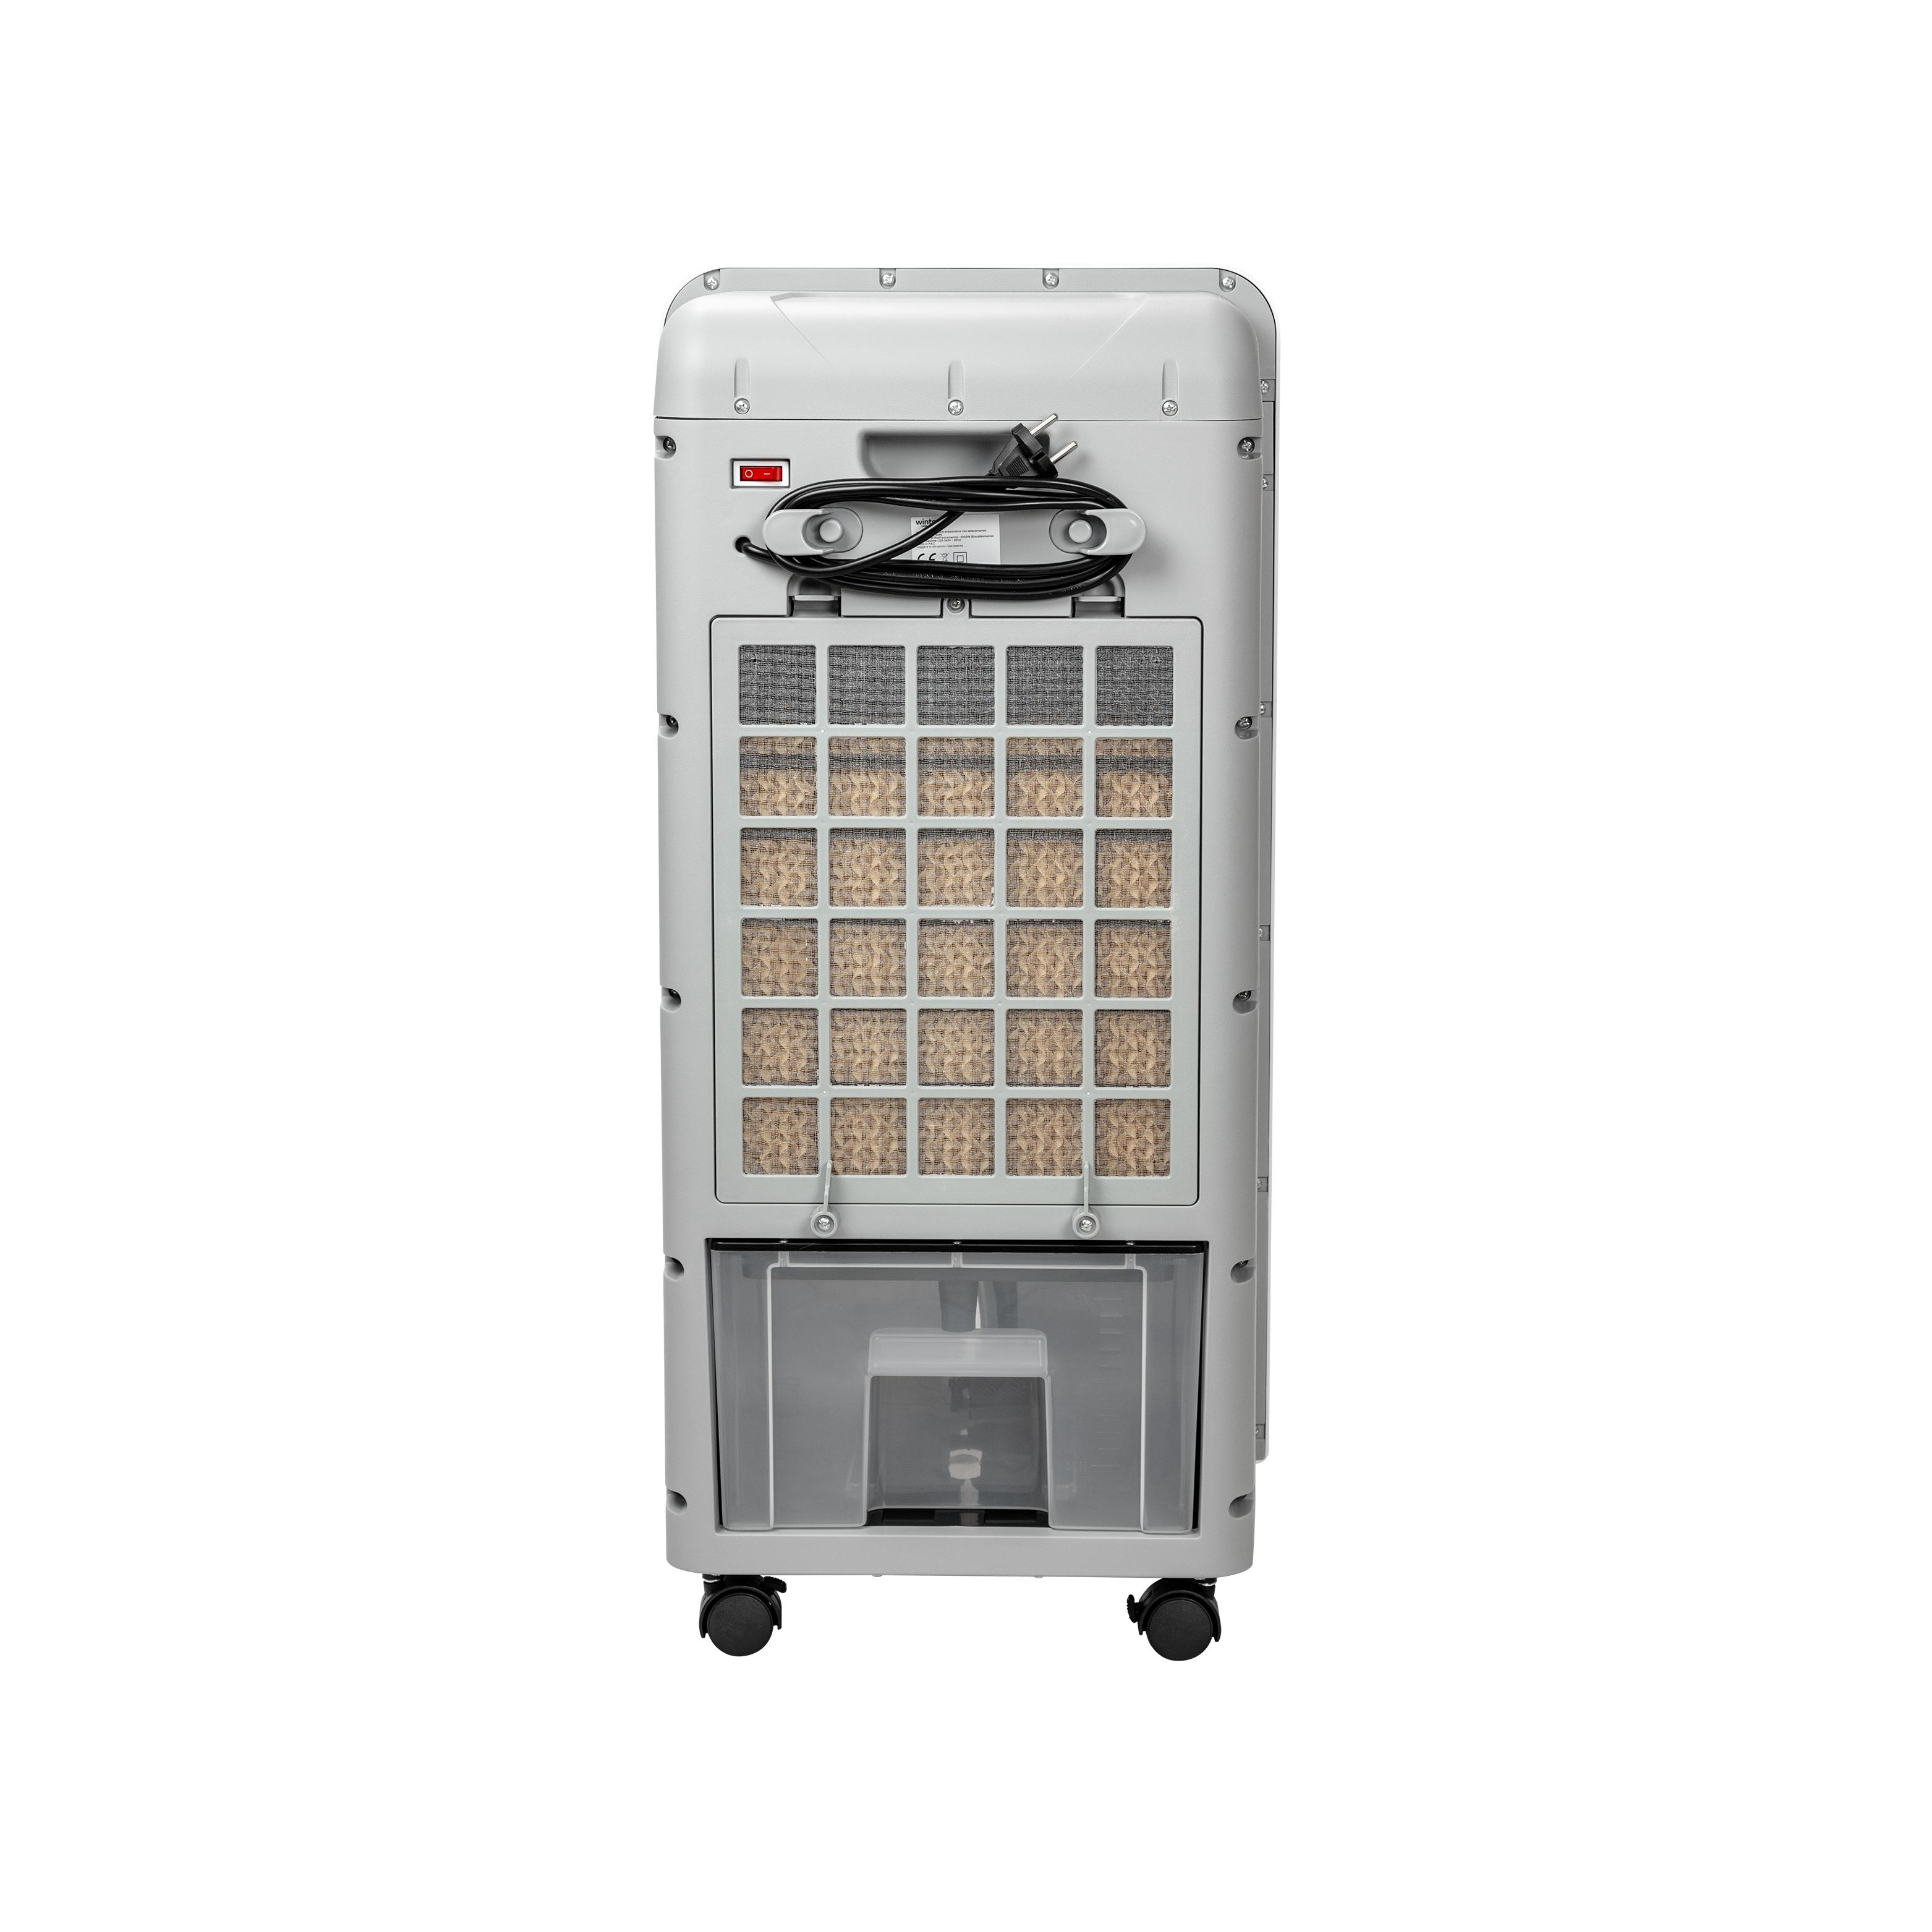 Horus Climatizzatore Portatile 2000 Watt Raffrescatore Aria Calda Fredda Wintem 4